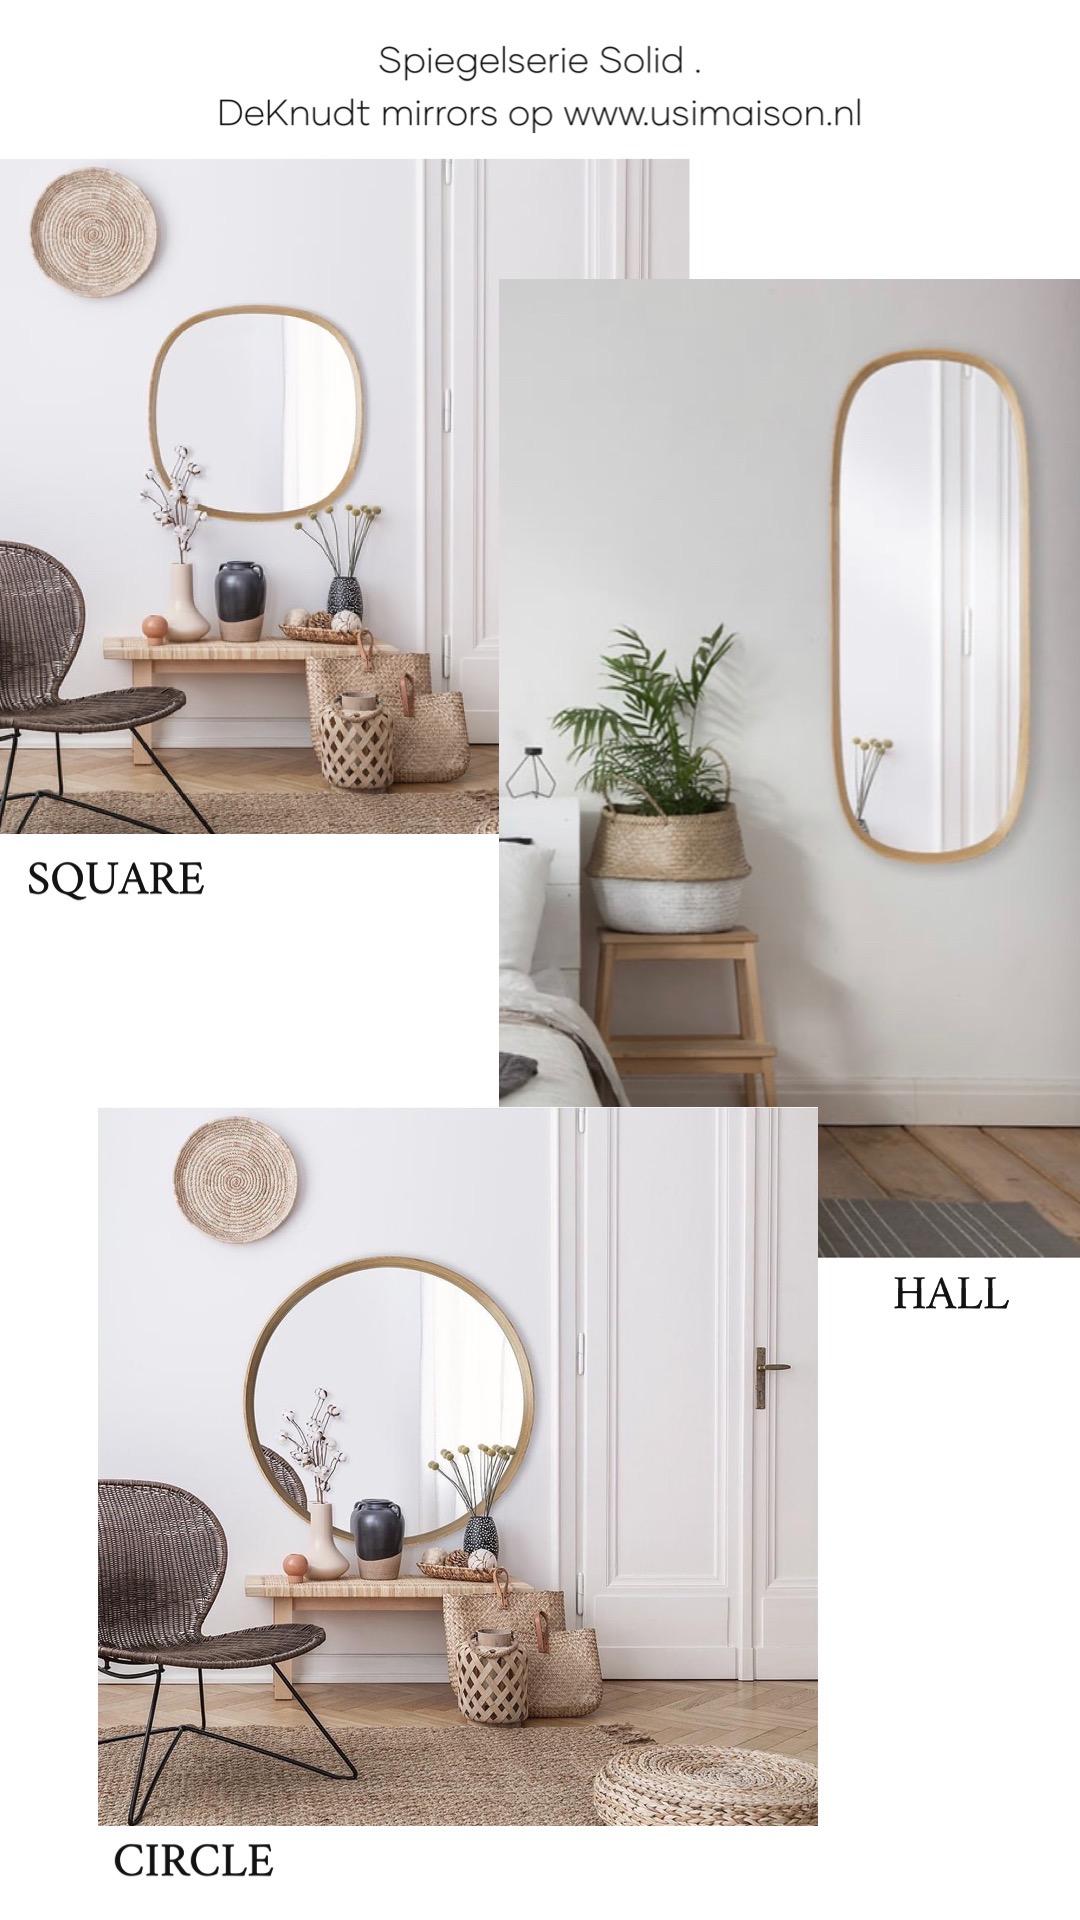 Solid serie spiegels van www.usimaison.nl